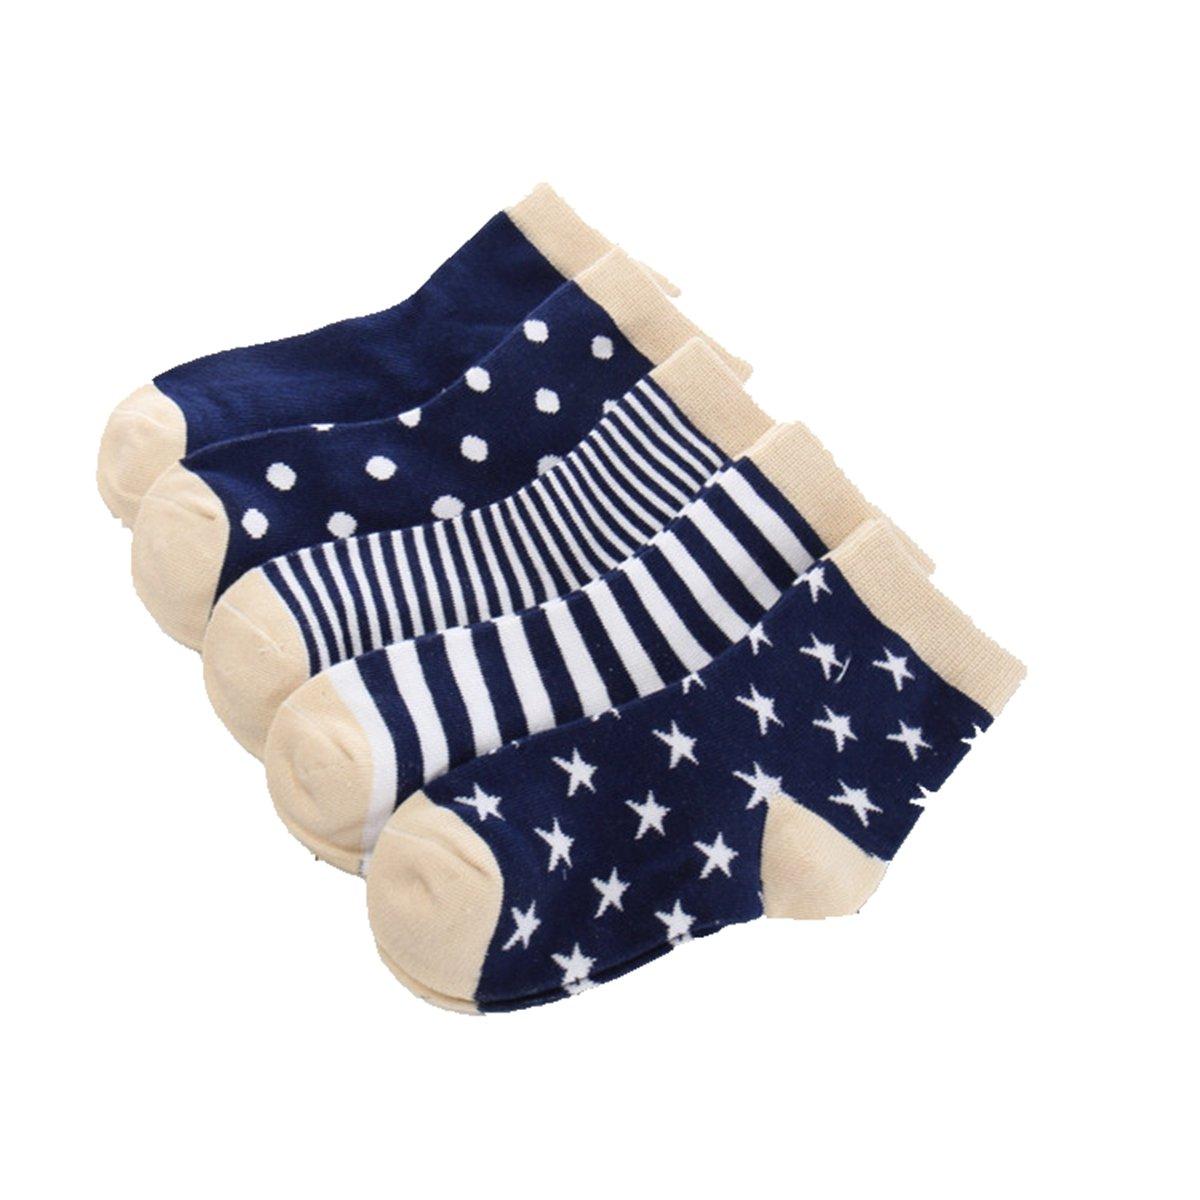 Little Boys Socks Cotton Beauty Stars Comfort Crew Socks 5 Pair Pack